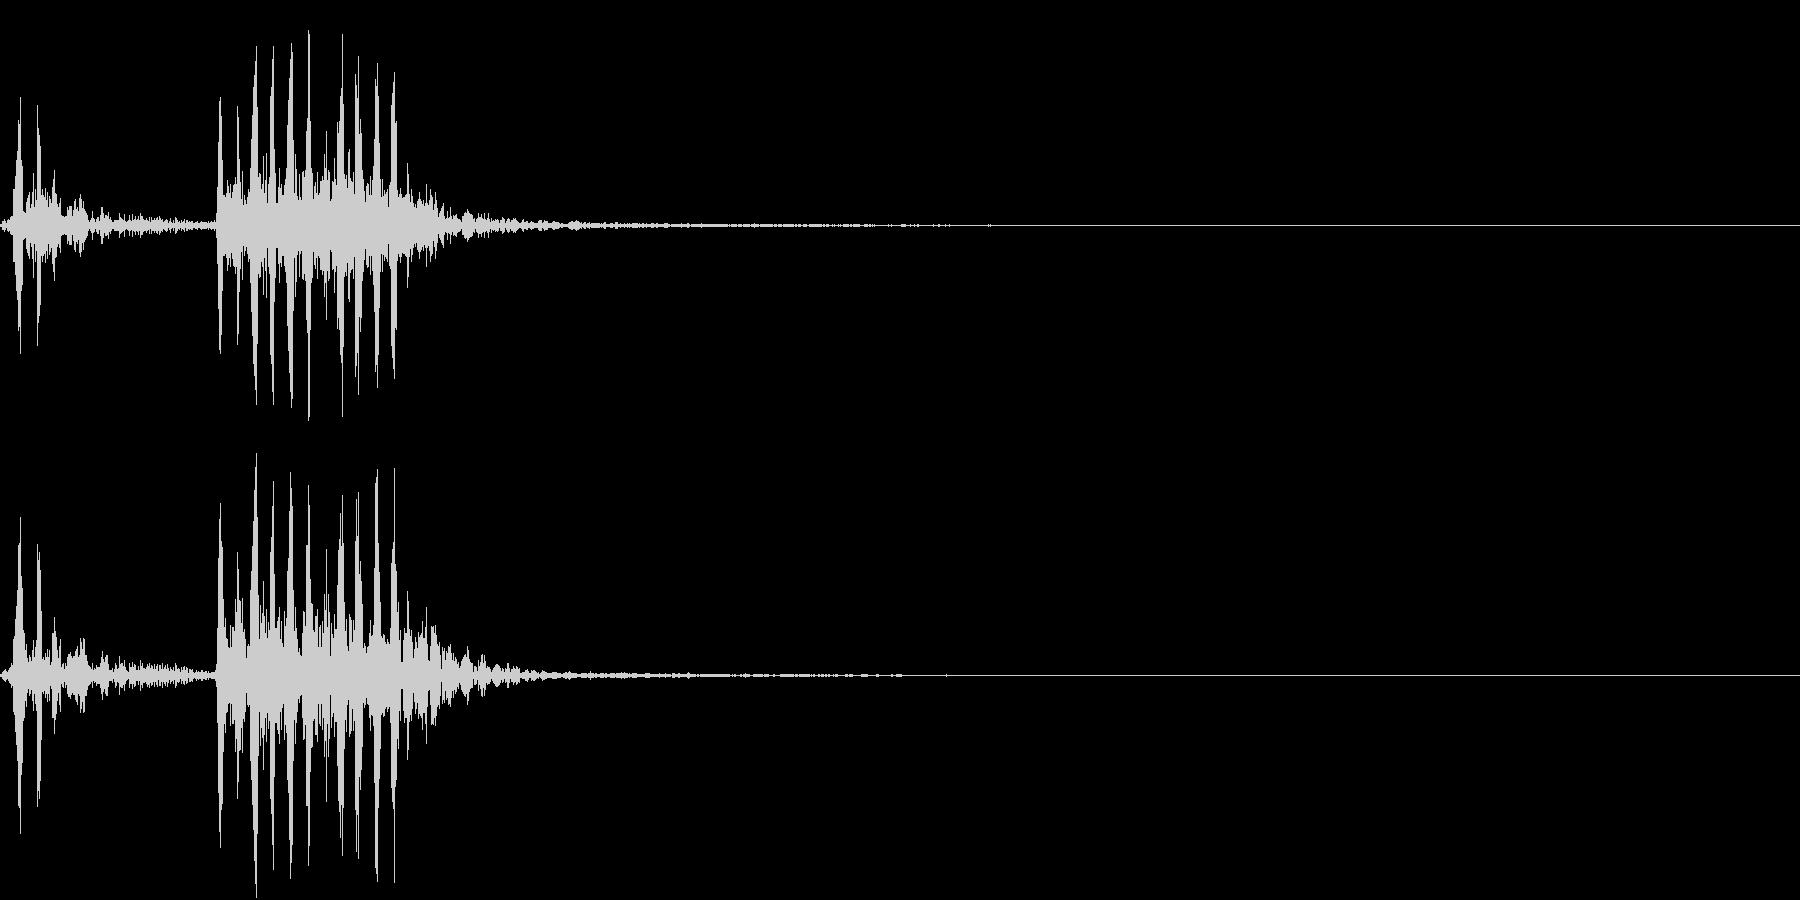 【生録音】フラミンゴの鳴き声 8の未再生の波形